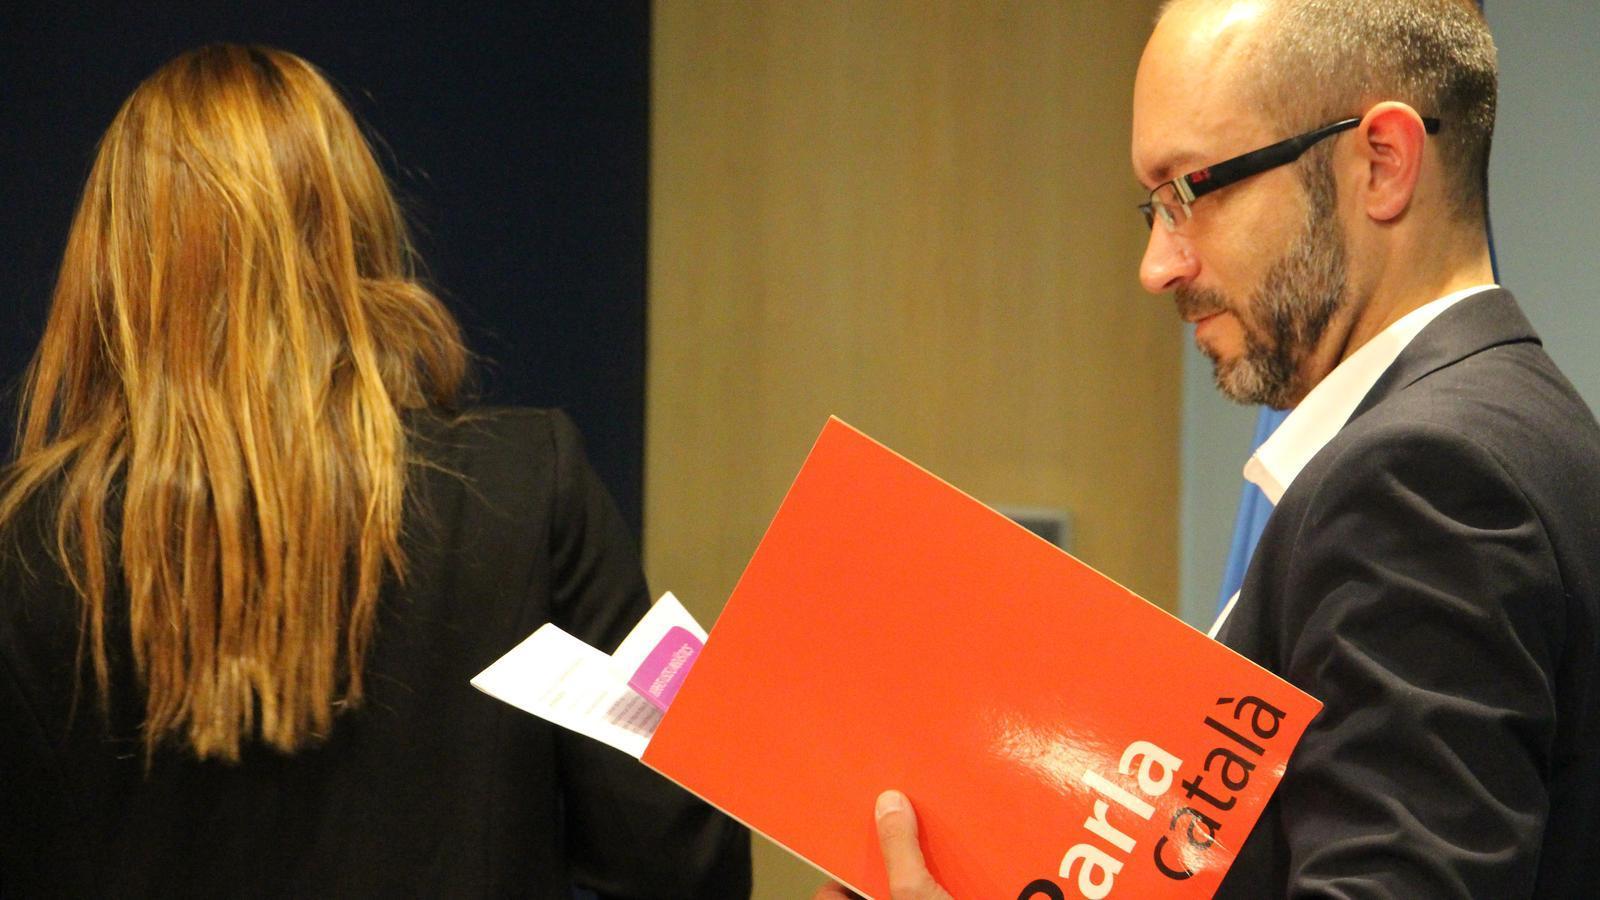 La ministra Gelabert, d'esquena a la imatge, i el cap del Servei de Política Lingüística Joan Sans